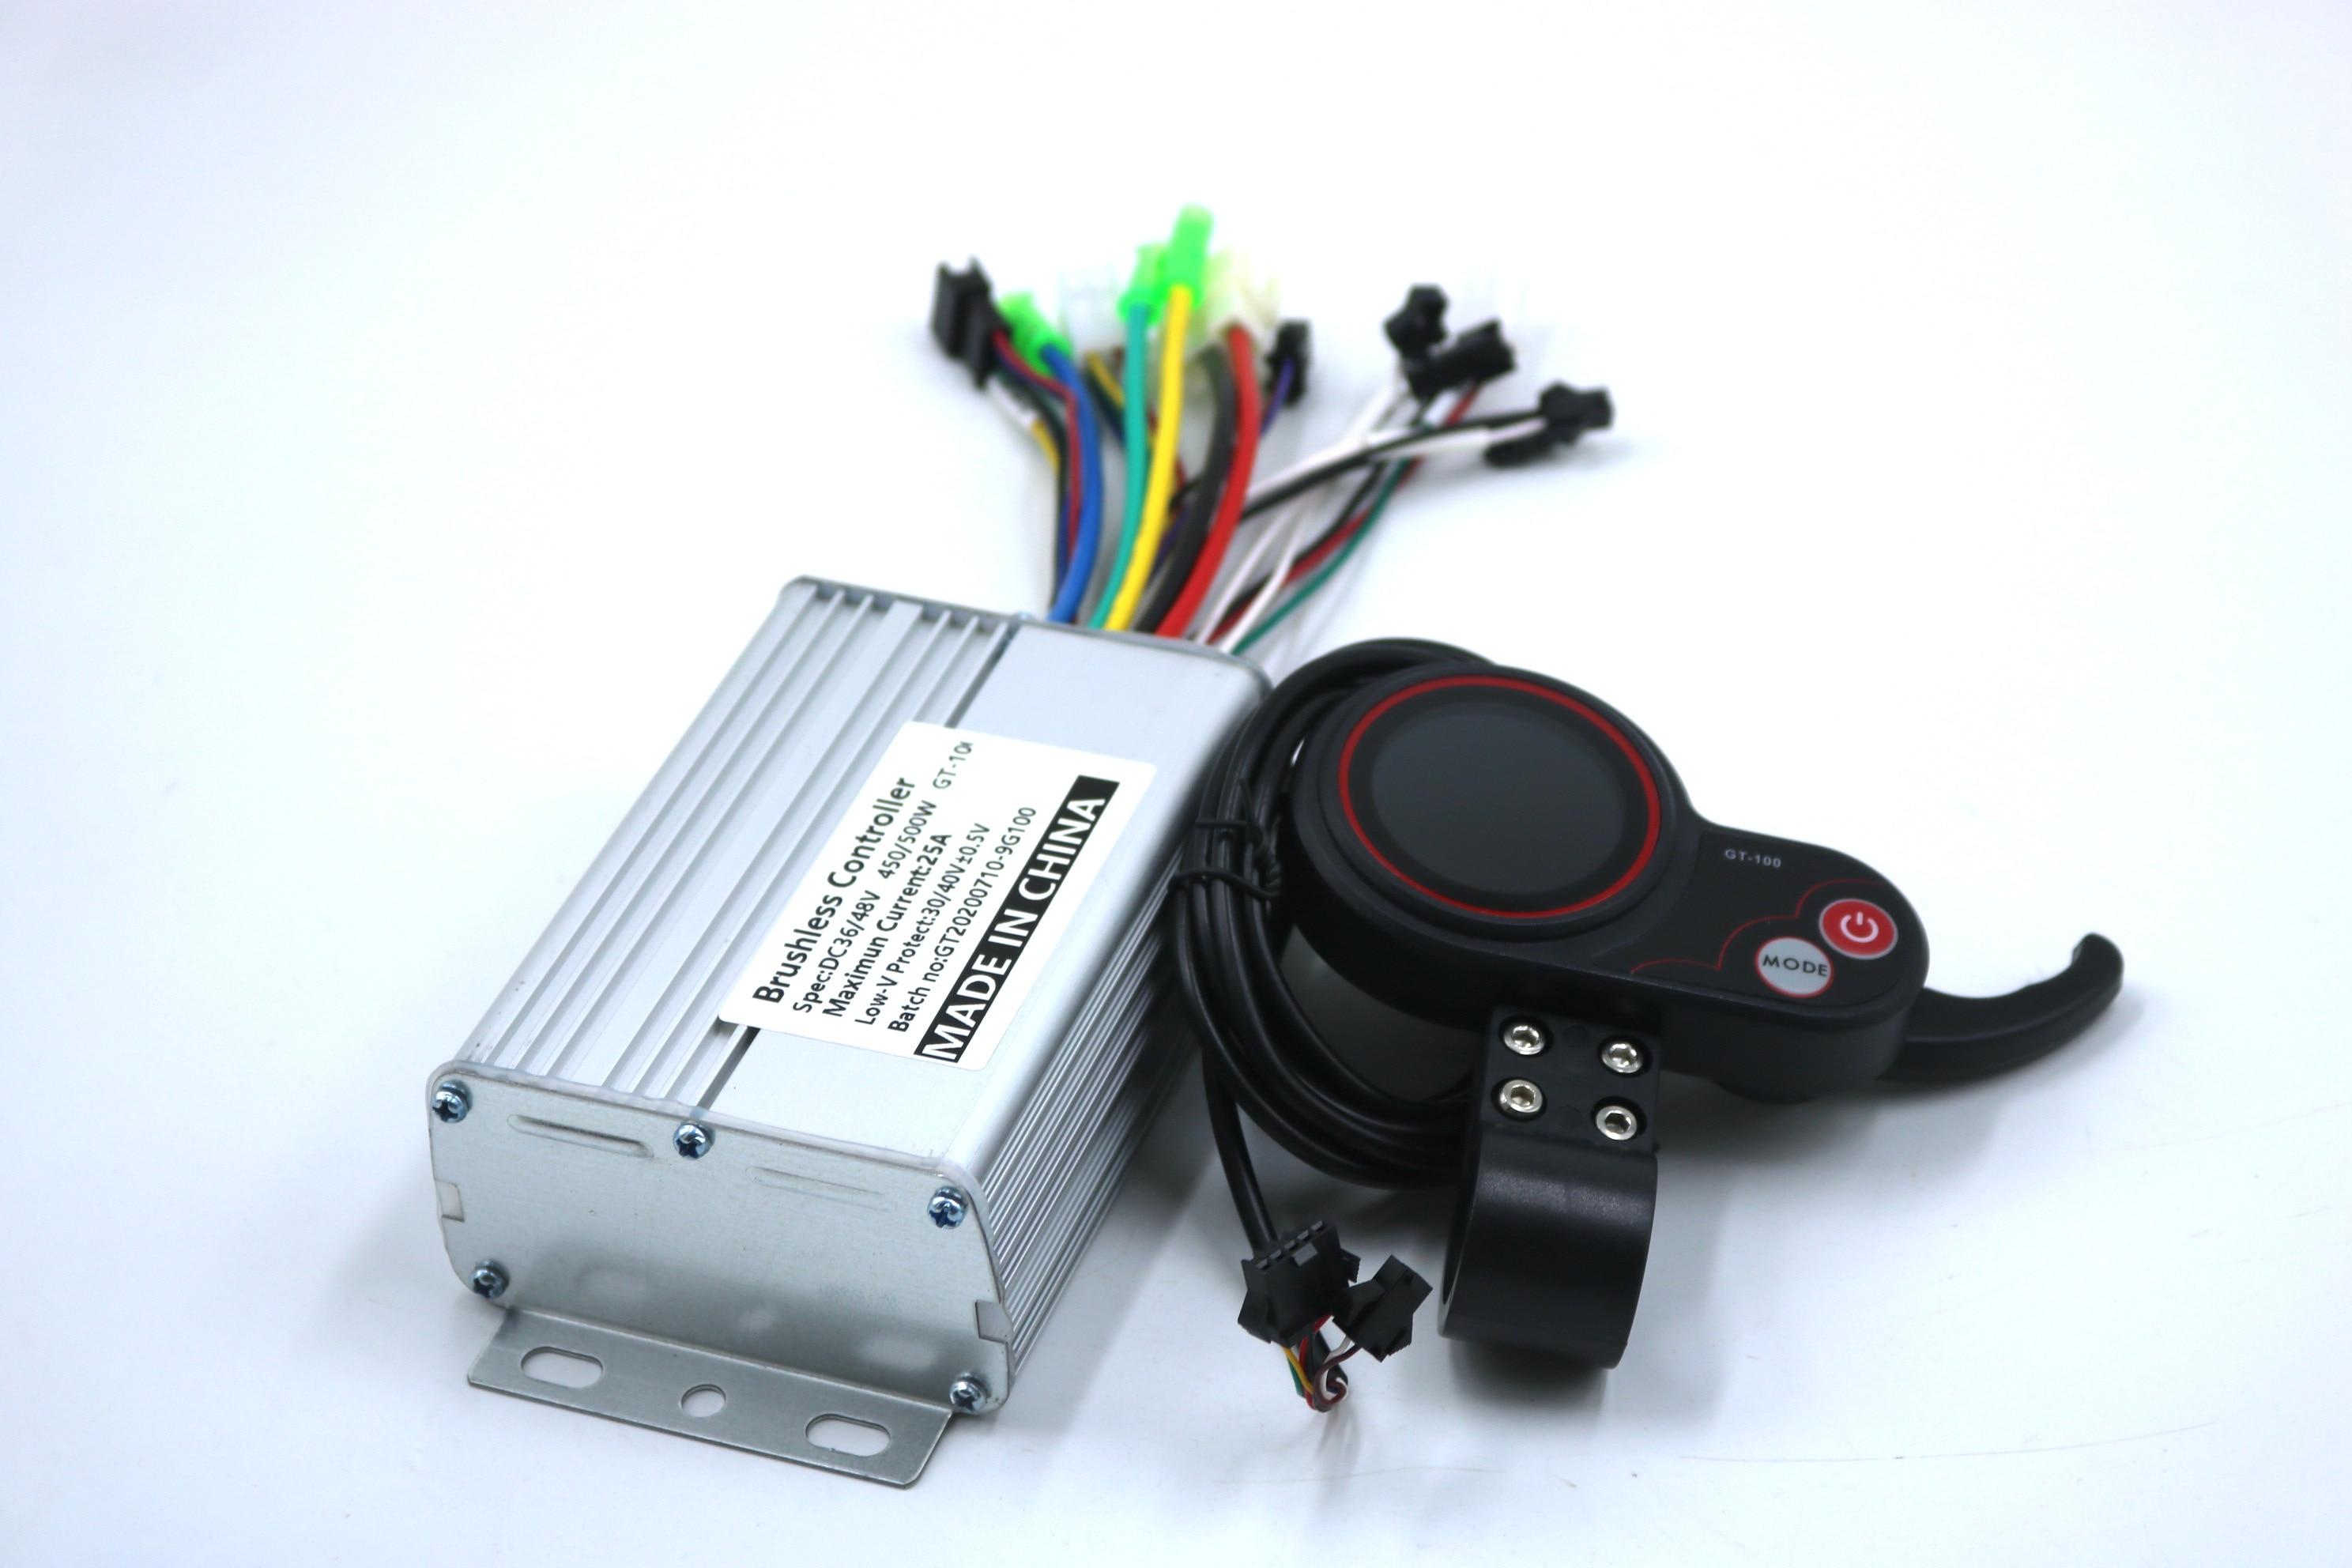 GREENTIME-contrôleur pour vélo électrique ebike, avec écran LCD intelligent, pour commande sans balais, 36V/48V/52V/60V, 500W, 25a, BLDC